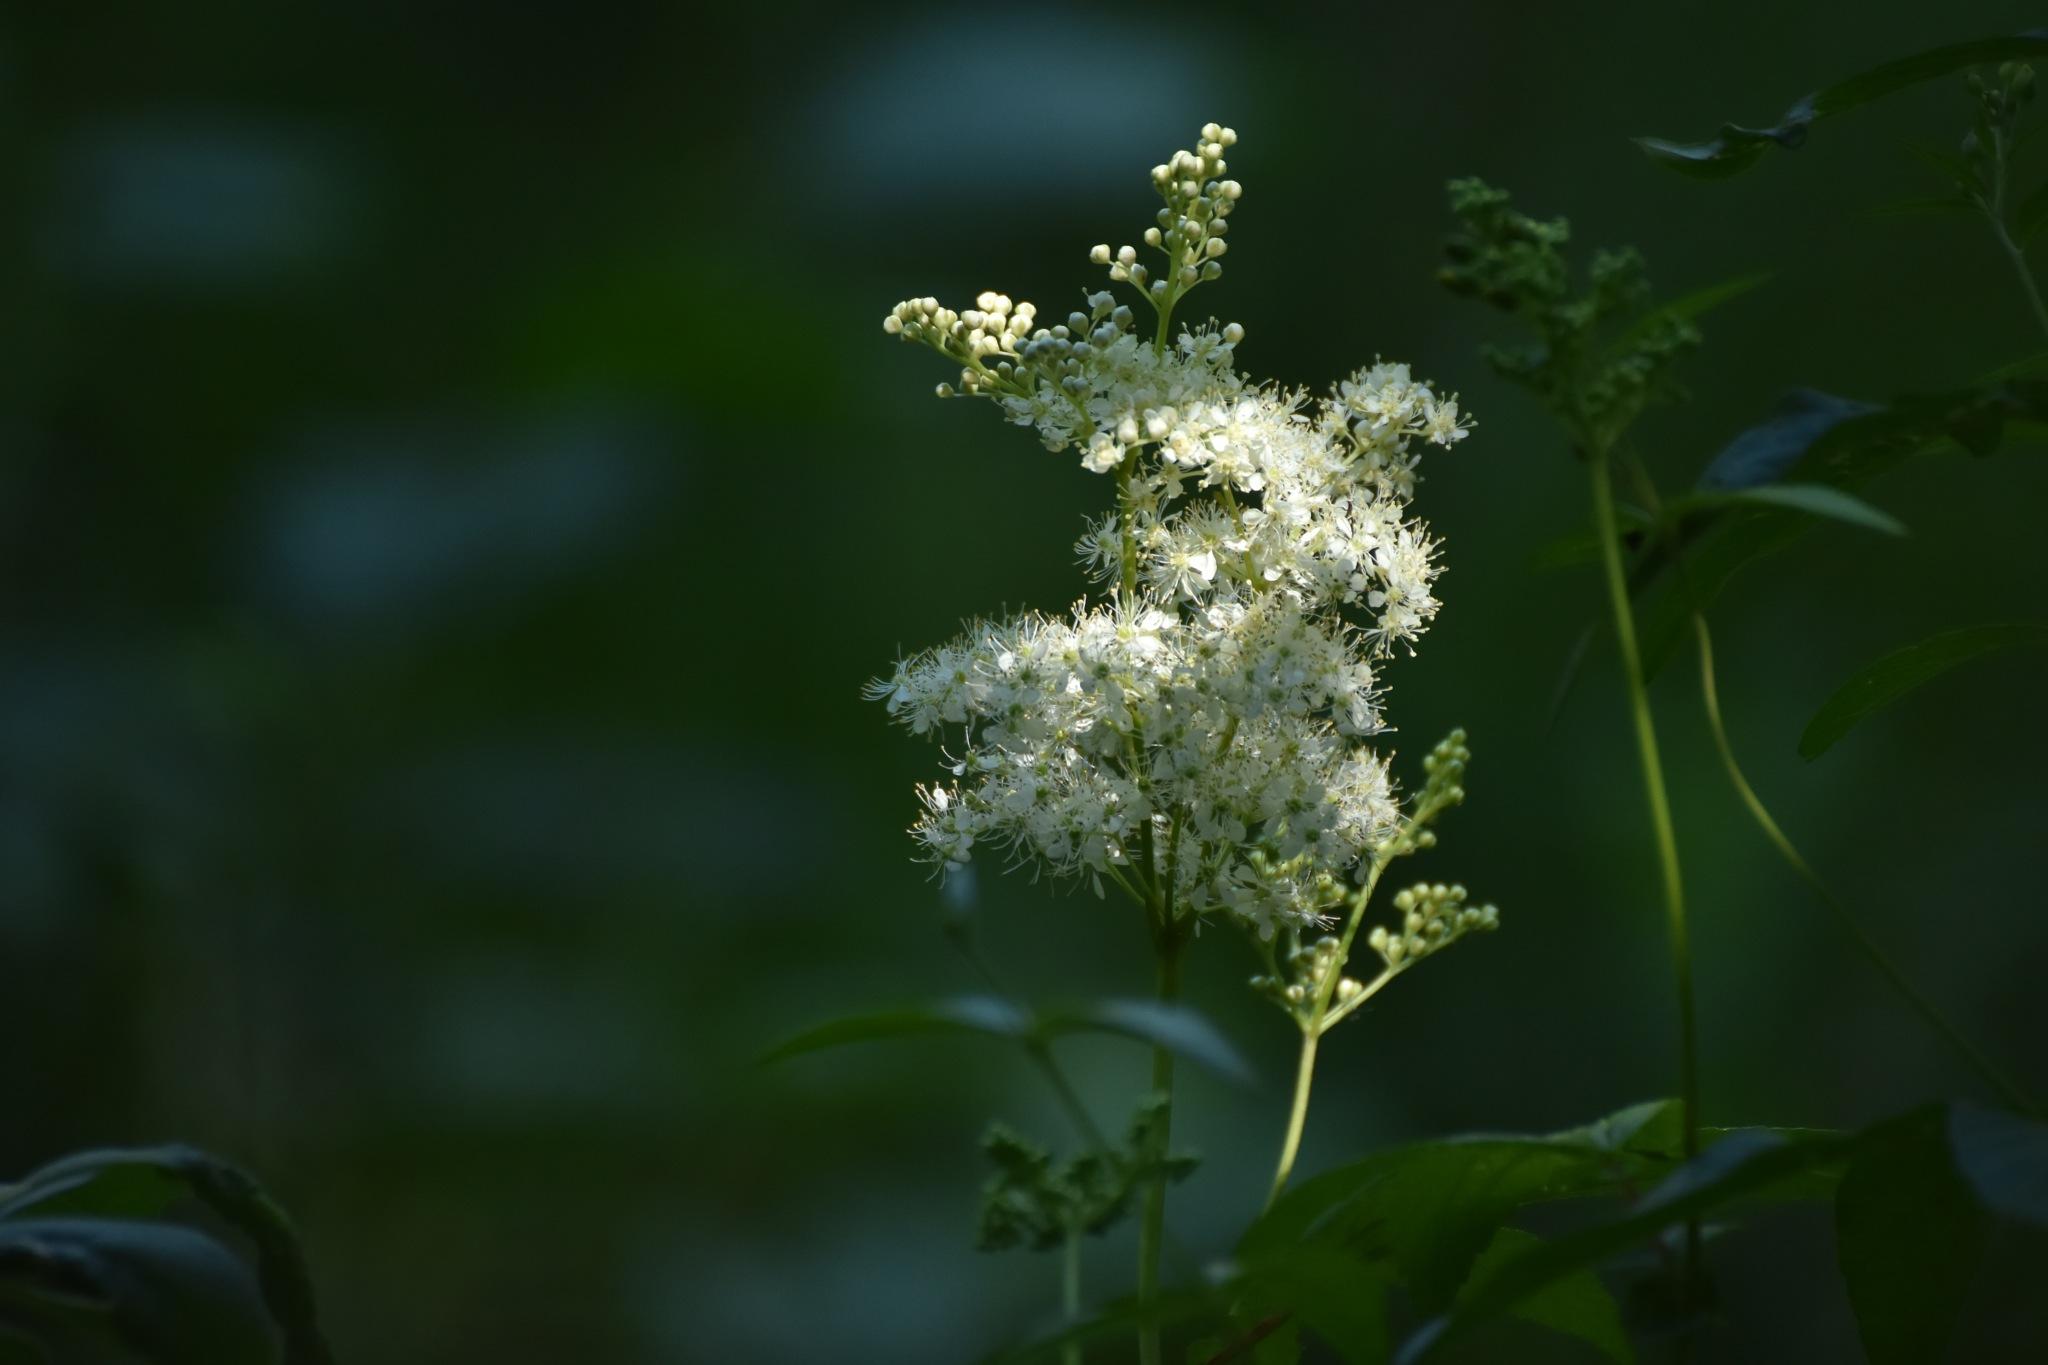 Flower by monica.westerholm.5